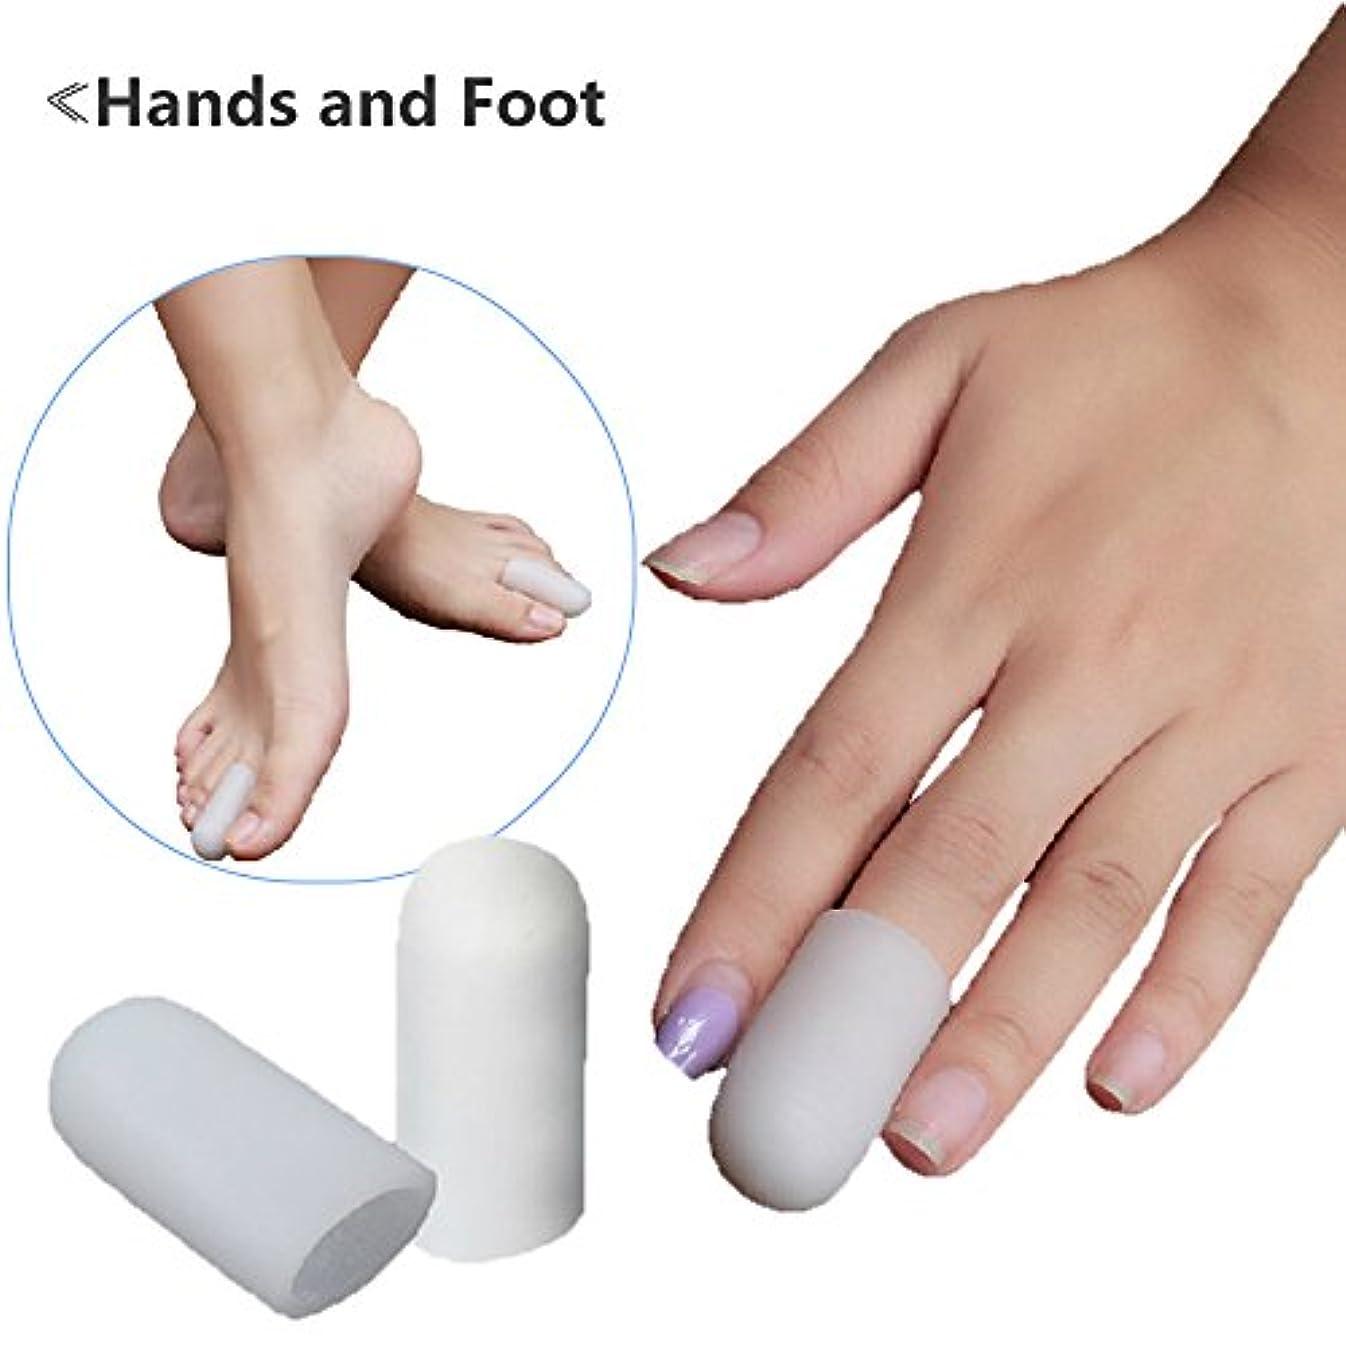 追加する気怠い見習いつま先プロテクター ランニング時の足先のつめ保護キャップ,指キャップ,〈2個入〉 (M(3.5cm))